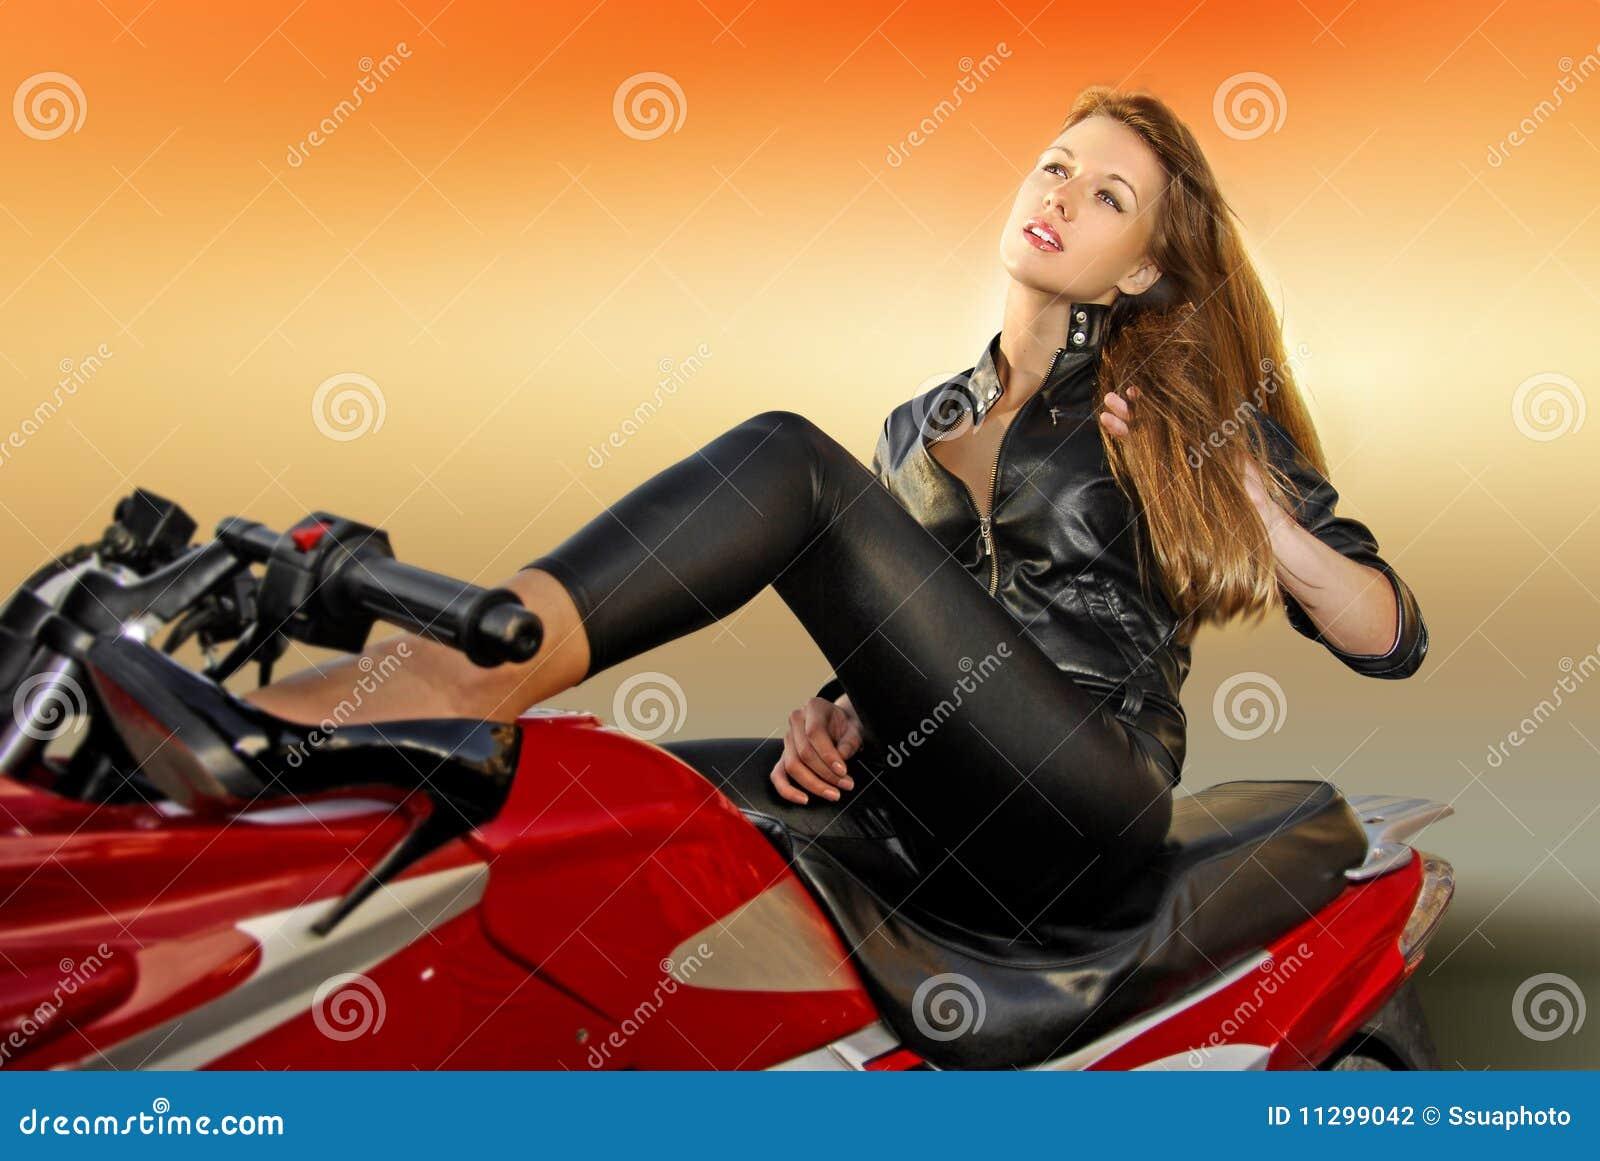 Blondes Mädchen auf einem Motorrad